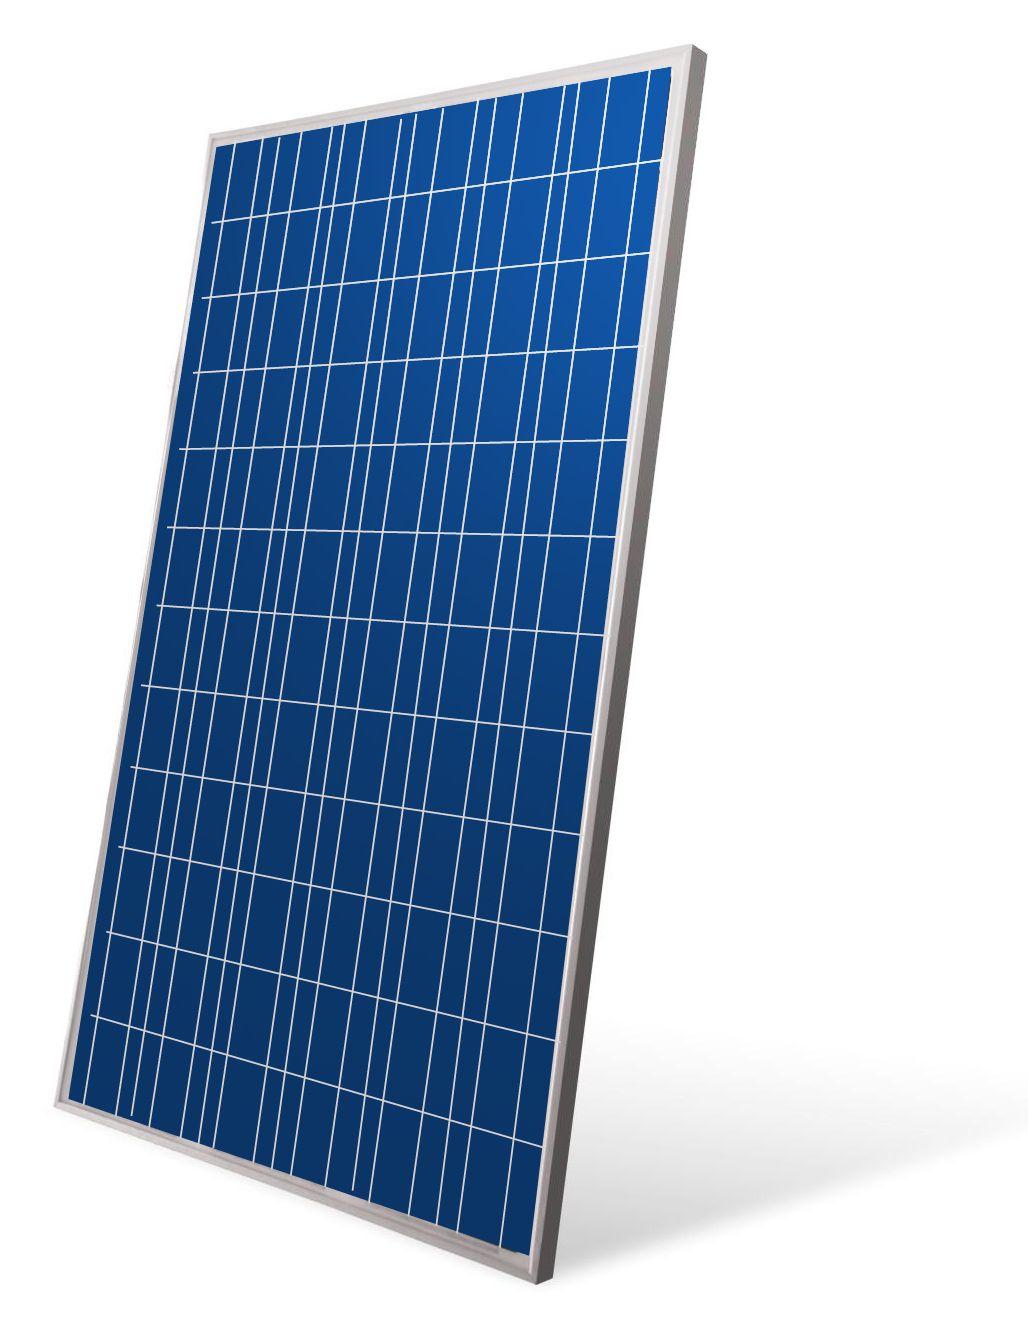 Фотоэлектрический солнечный модуль DELTA BST 200-24(поли-/монокристалл) 200Вт 24В